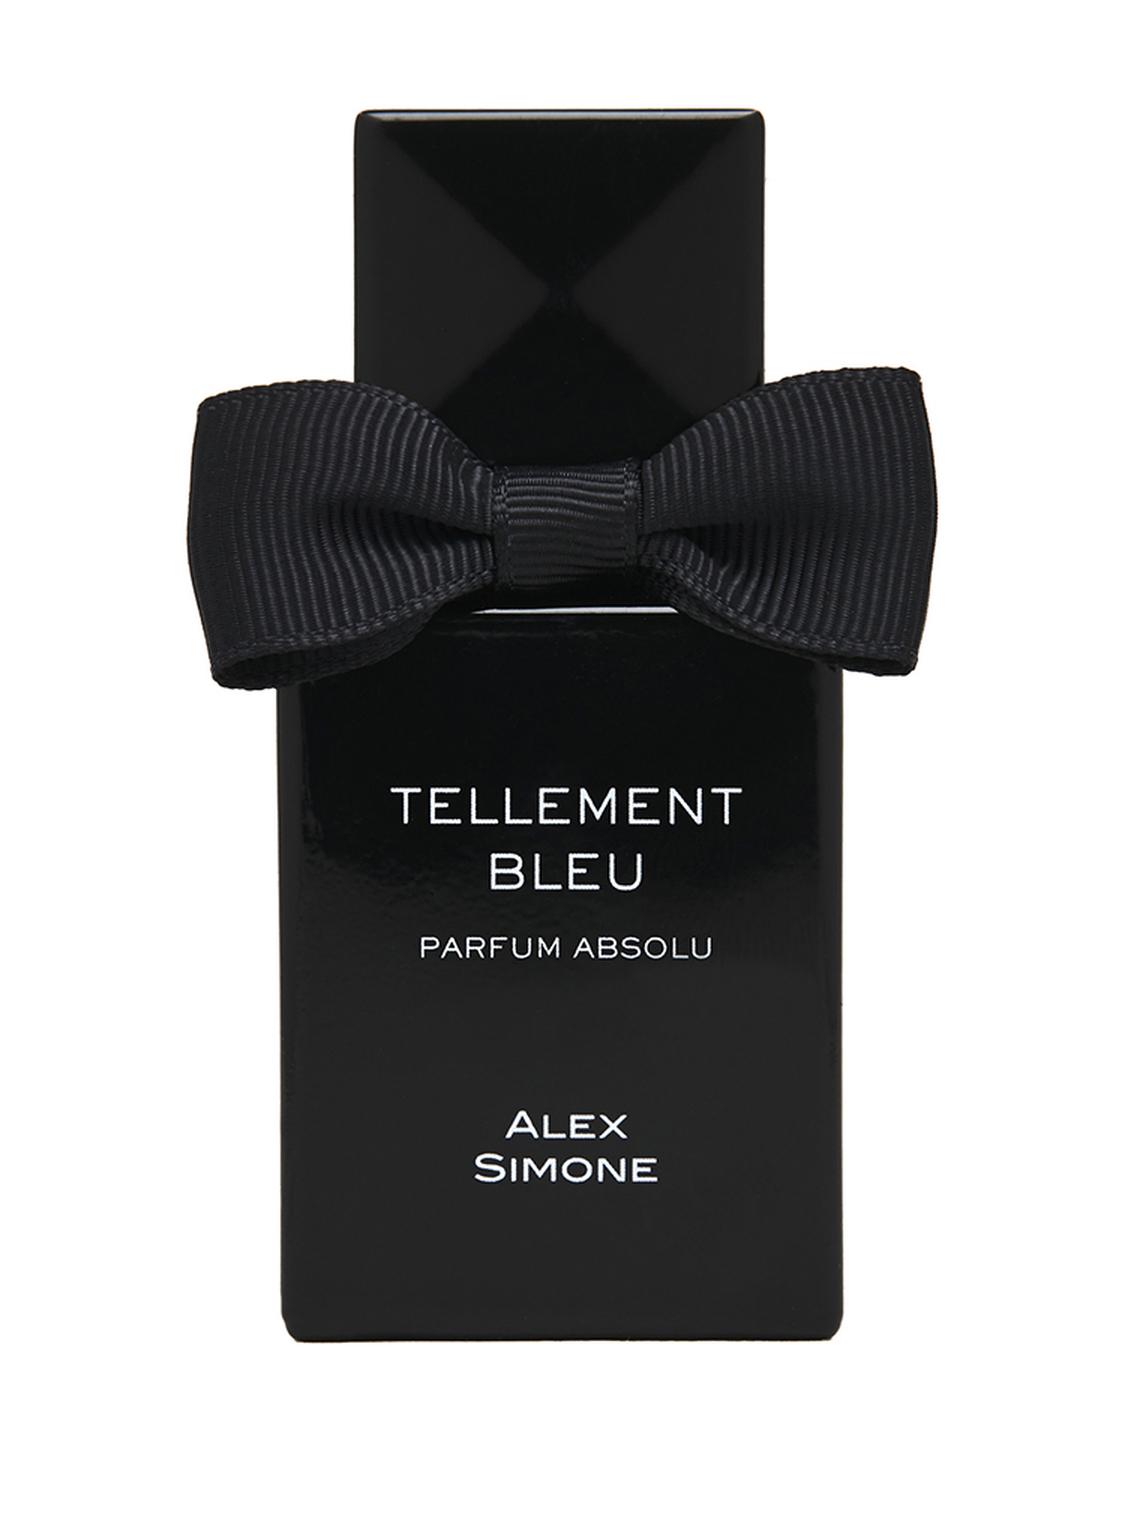 Image of Alex Simone Tellement Bleu Parfum Absolu Eau de Parfum 30 ml